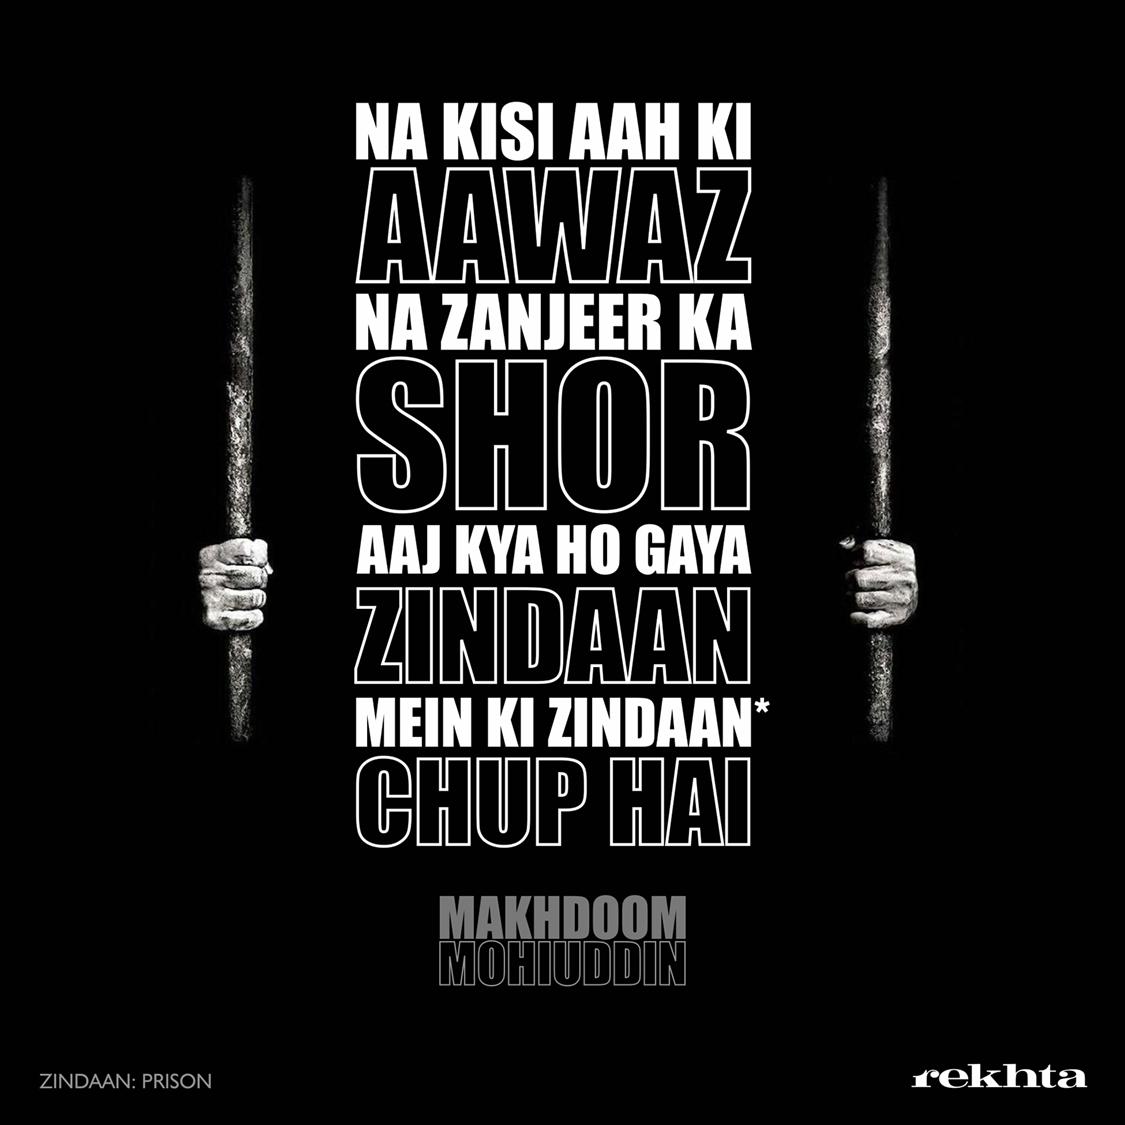 تم گلستاں سے گئے ہو تو گلستاں چپ ہے-مخدومؔ محی الدین